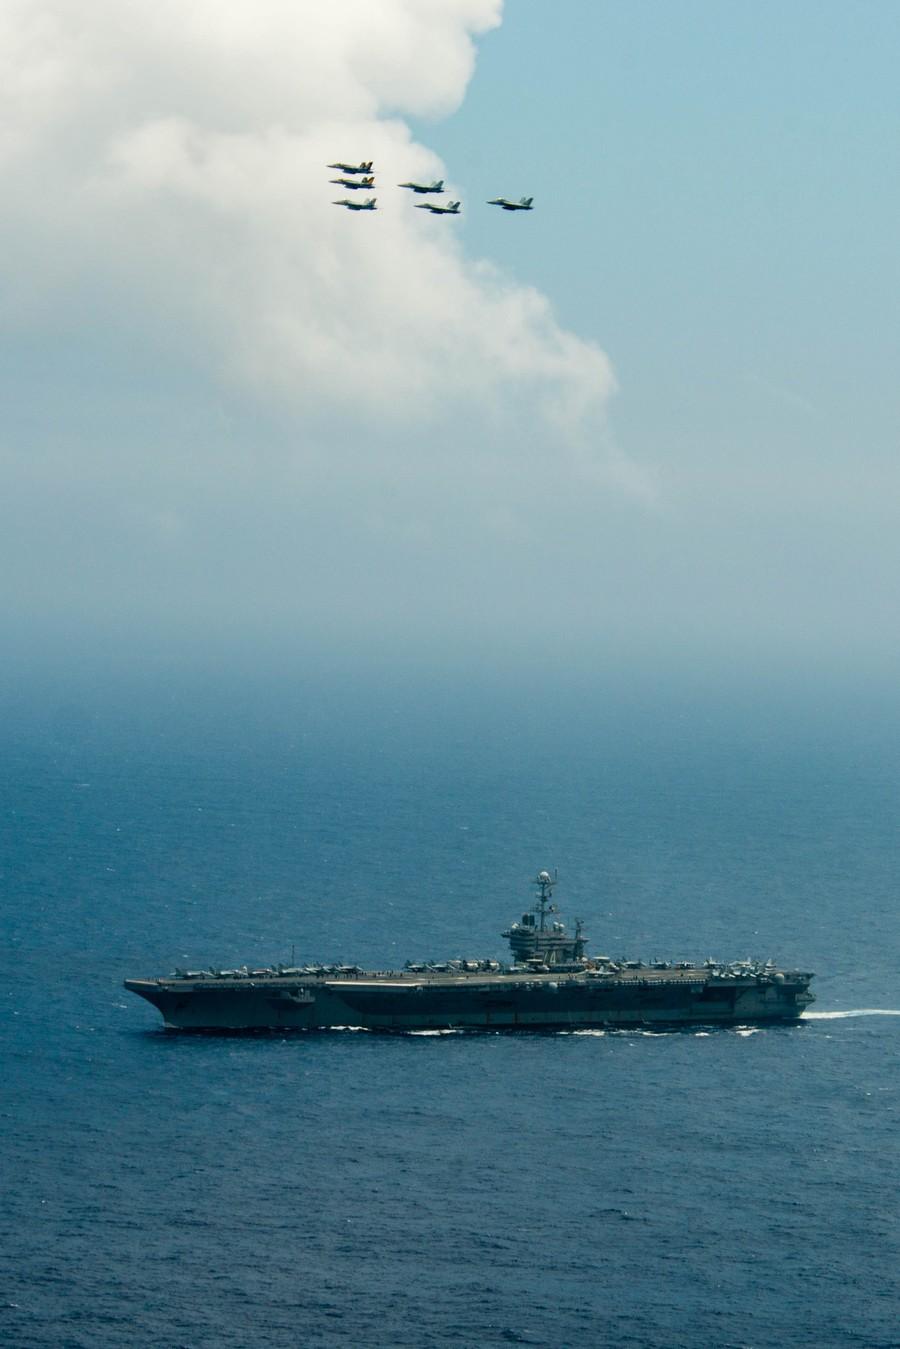 专家:美军两大舰队合力封堵中国 威胁史无前例【图】 - 春华秋实 - 春华秋实 开心快乐每一天